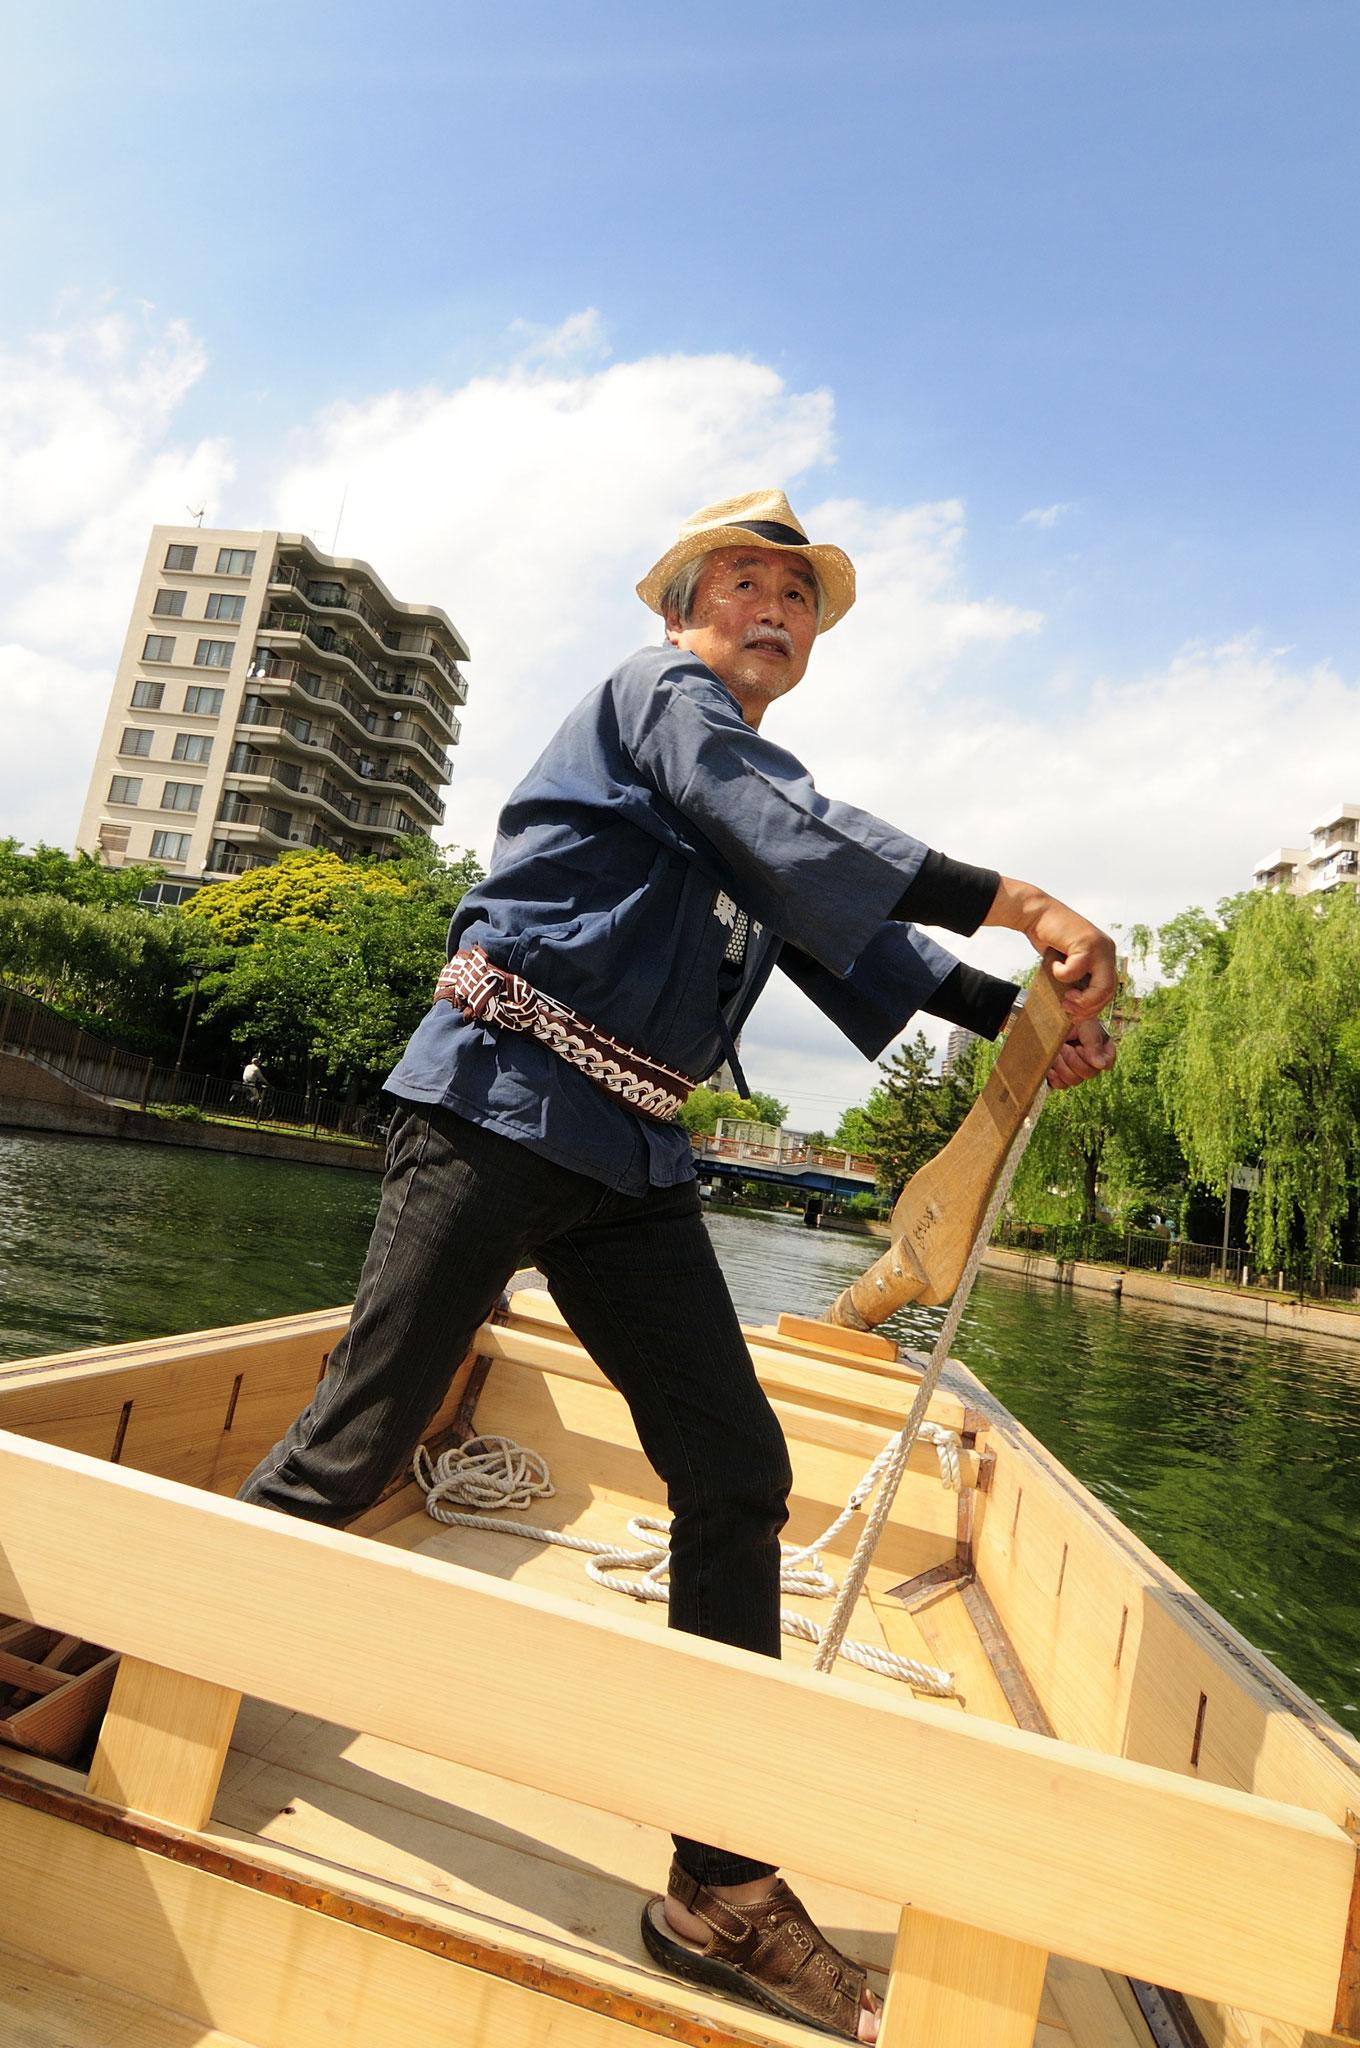 横十間川公園では和船にも乗れる。江東区と和船友の会が運営している